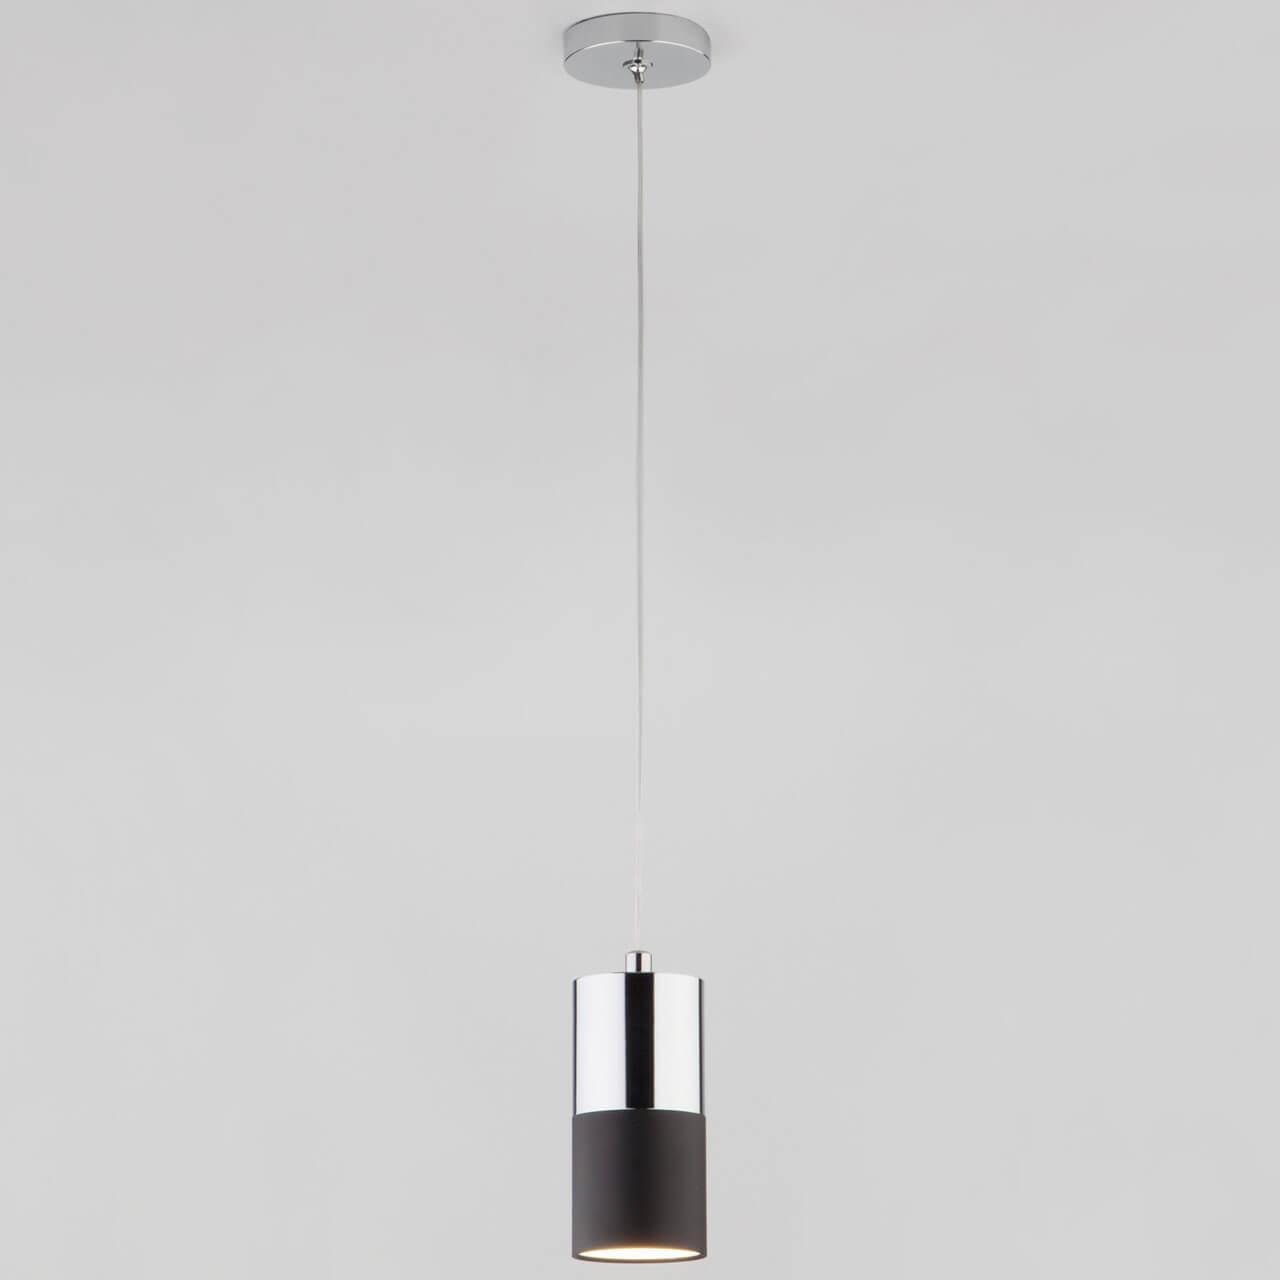 Подвесной светильник EUROSVET 50146/1 хром/черный, GU10, 5 Вт